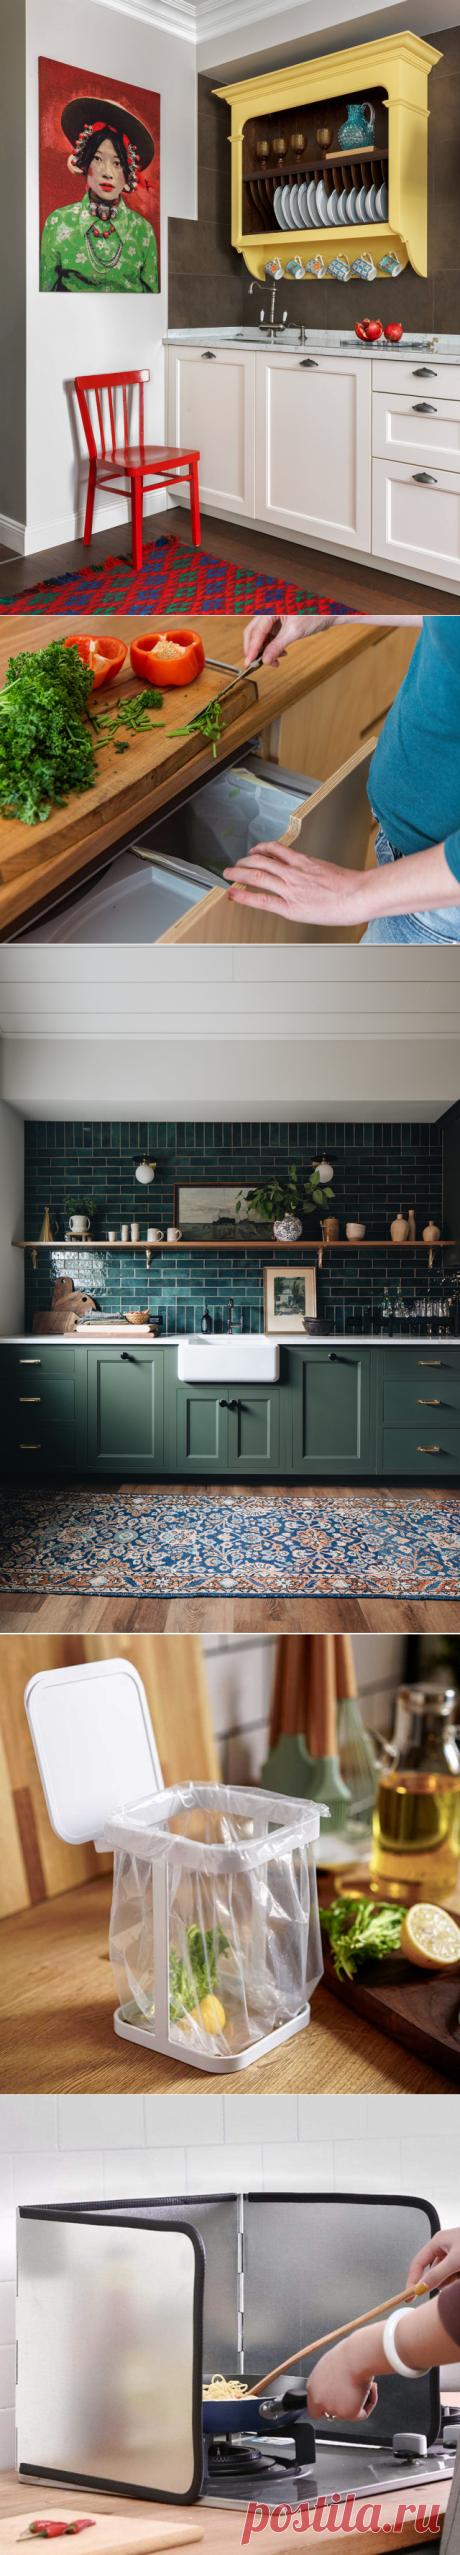 Порядок на кухне: фото и идеи как организовать порядок на кухне | Houzz Россия